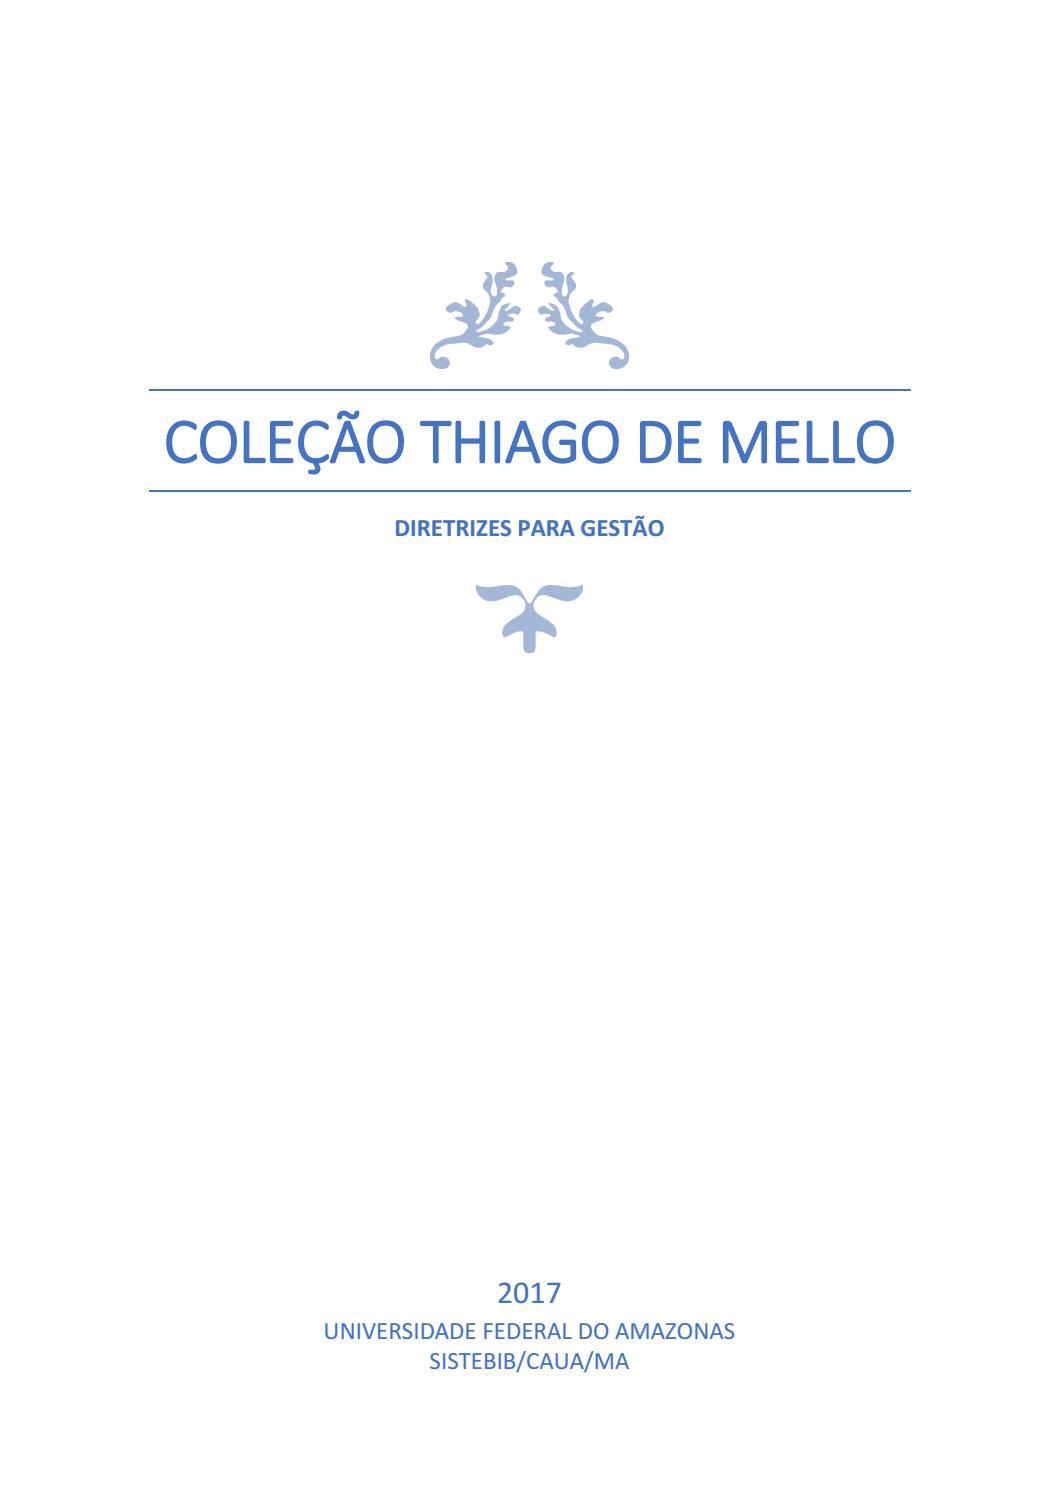 e3db41e5d8 Diretrizes de gestão da coleção thiago de mello by Biblioteca Central-UFAM  - issuu